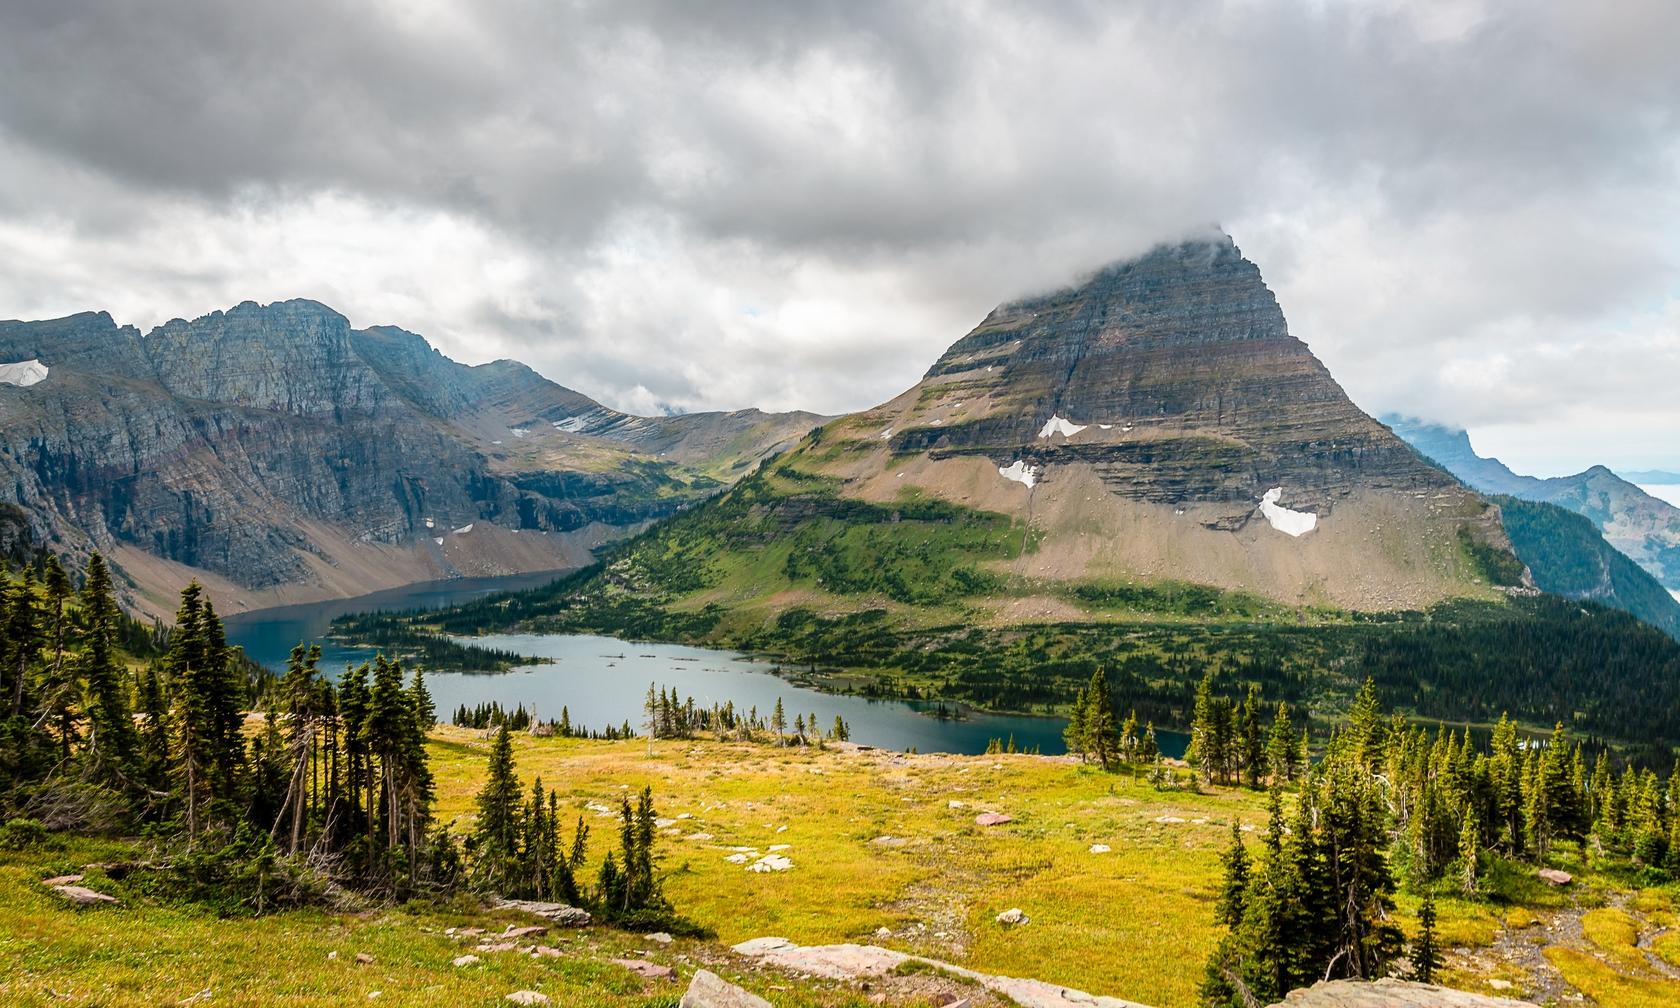 Vacation rentals in West Glacier